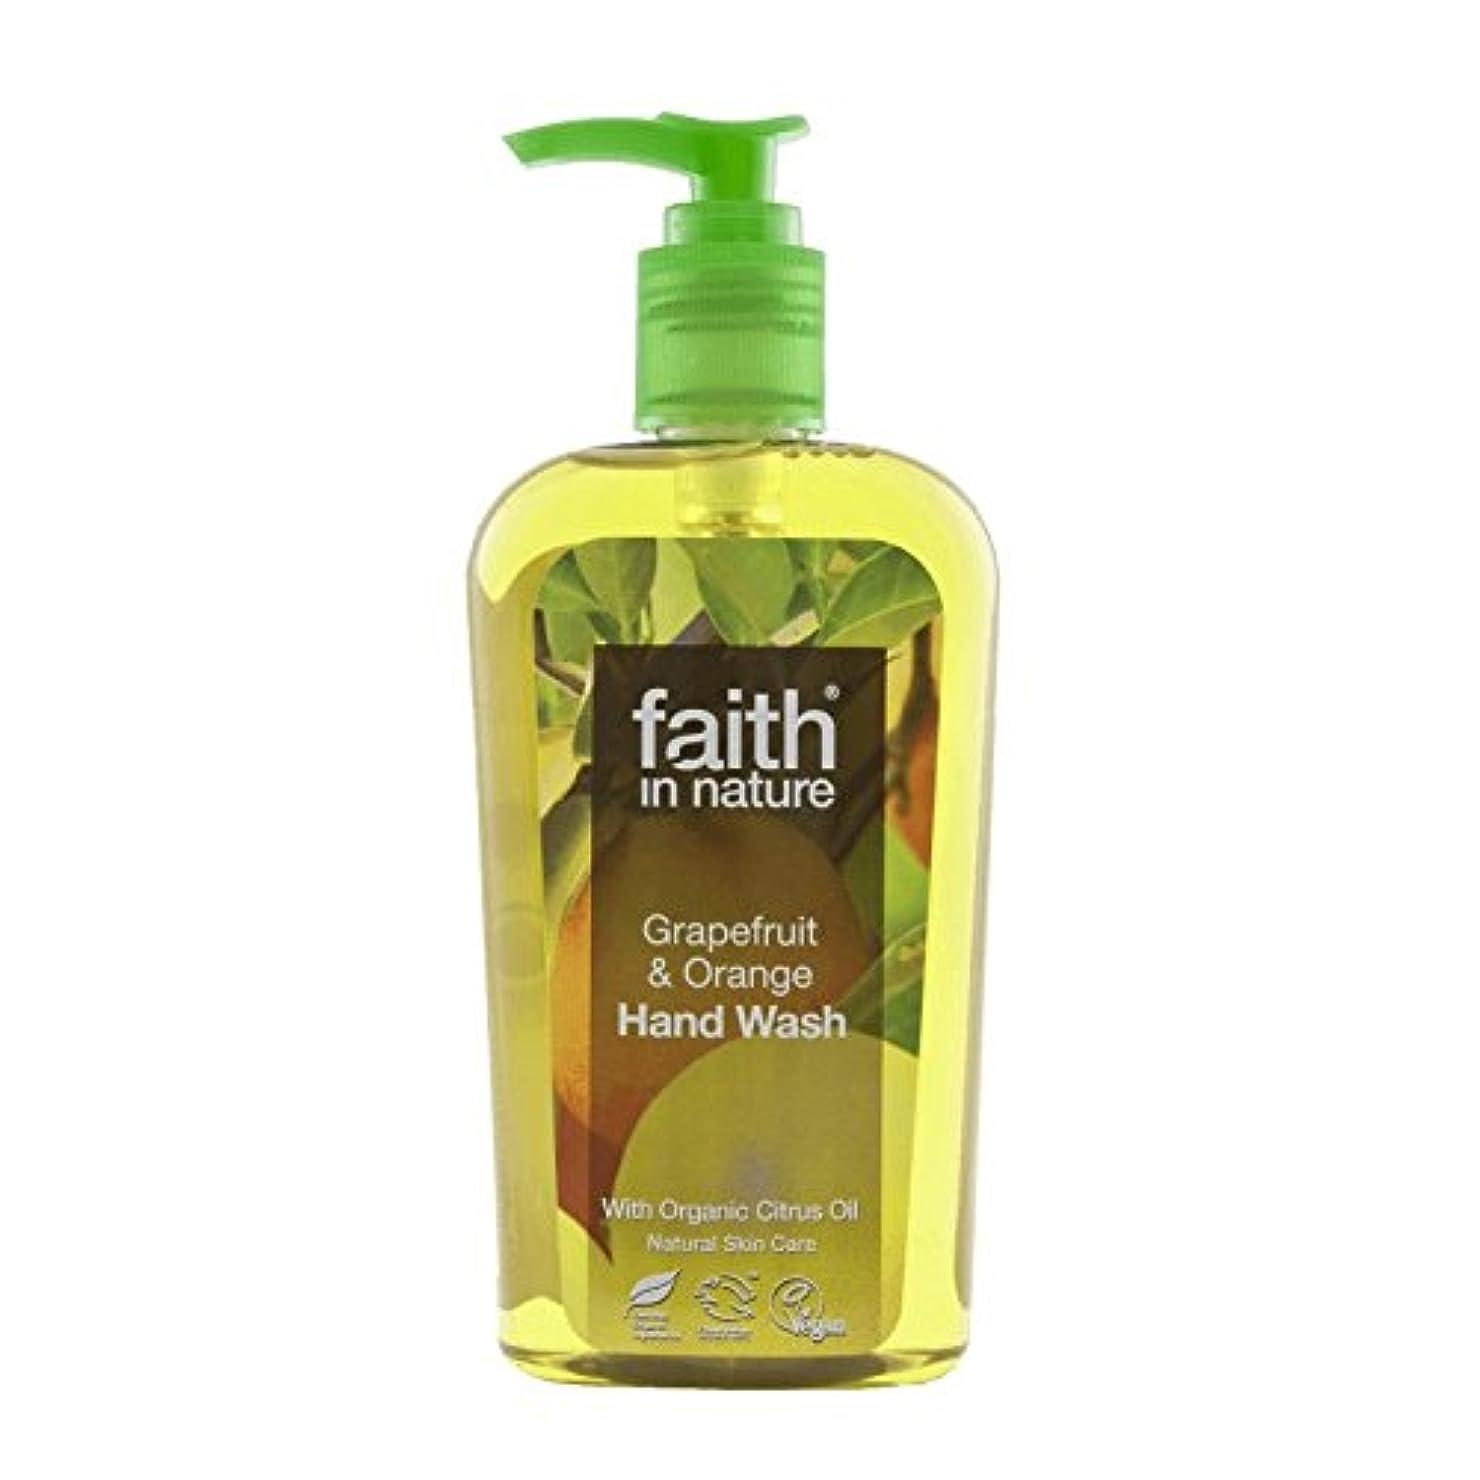 曲がった涙老人自然グレープフルーツ&オレンジ手洗いの300ミリリットルの信仰 - Faith In Nature Grapefruit & Orange Handwash 300ml (Faith in Nature) [並行輸入品]